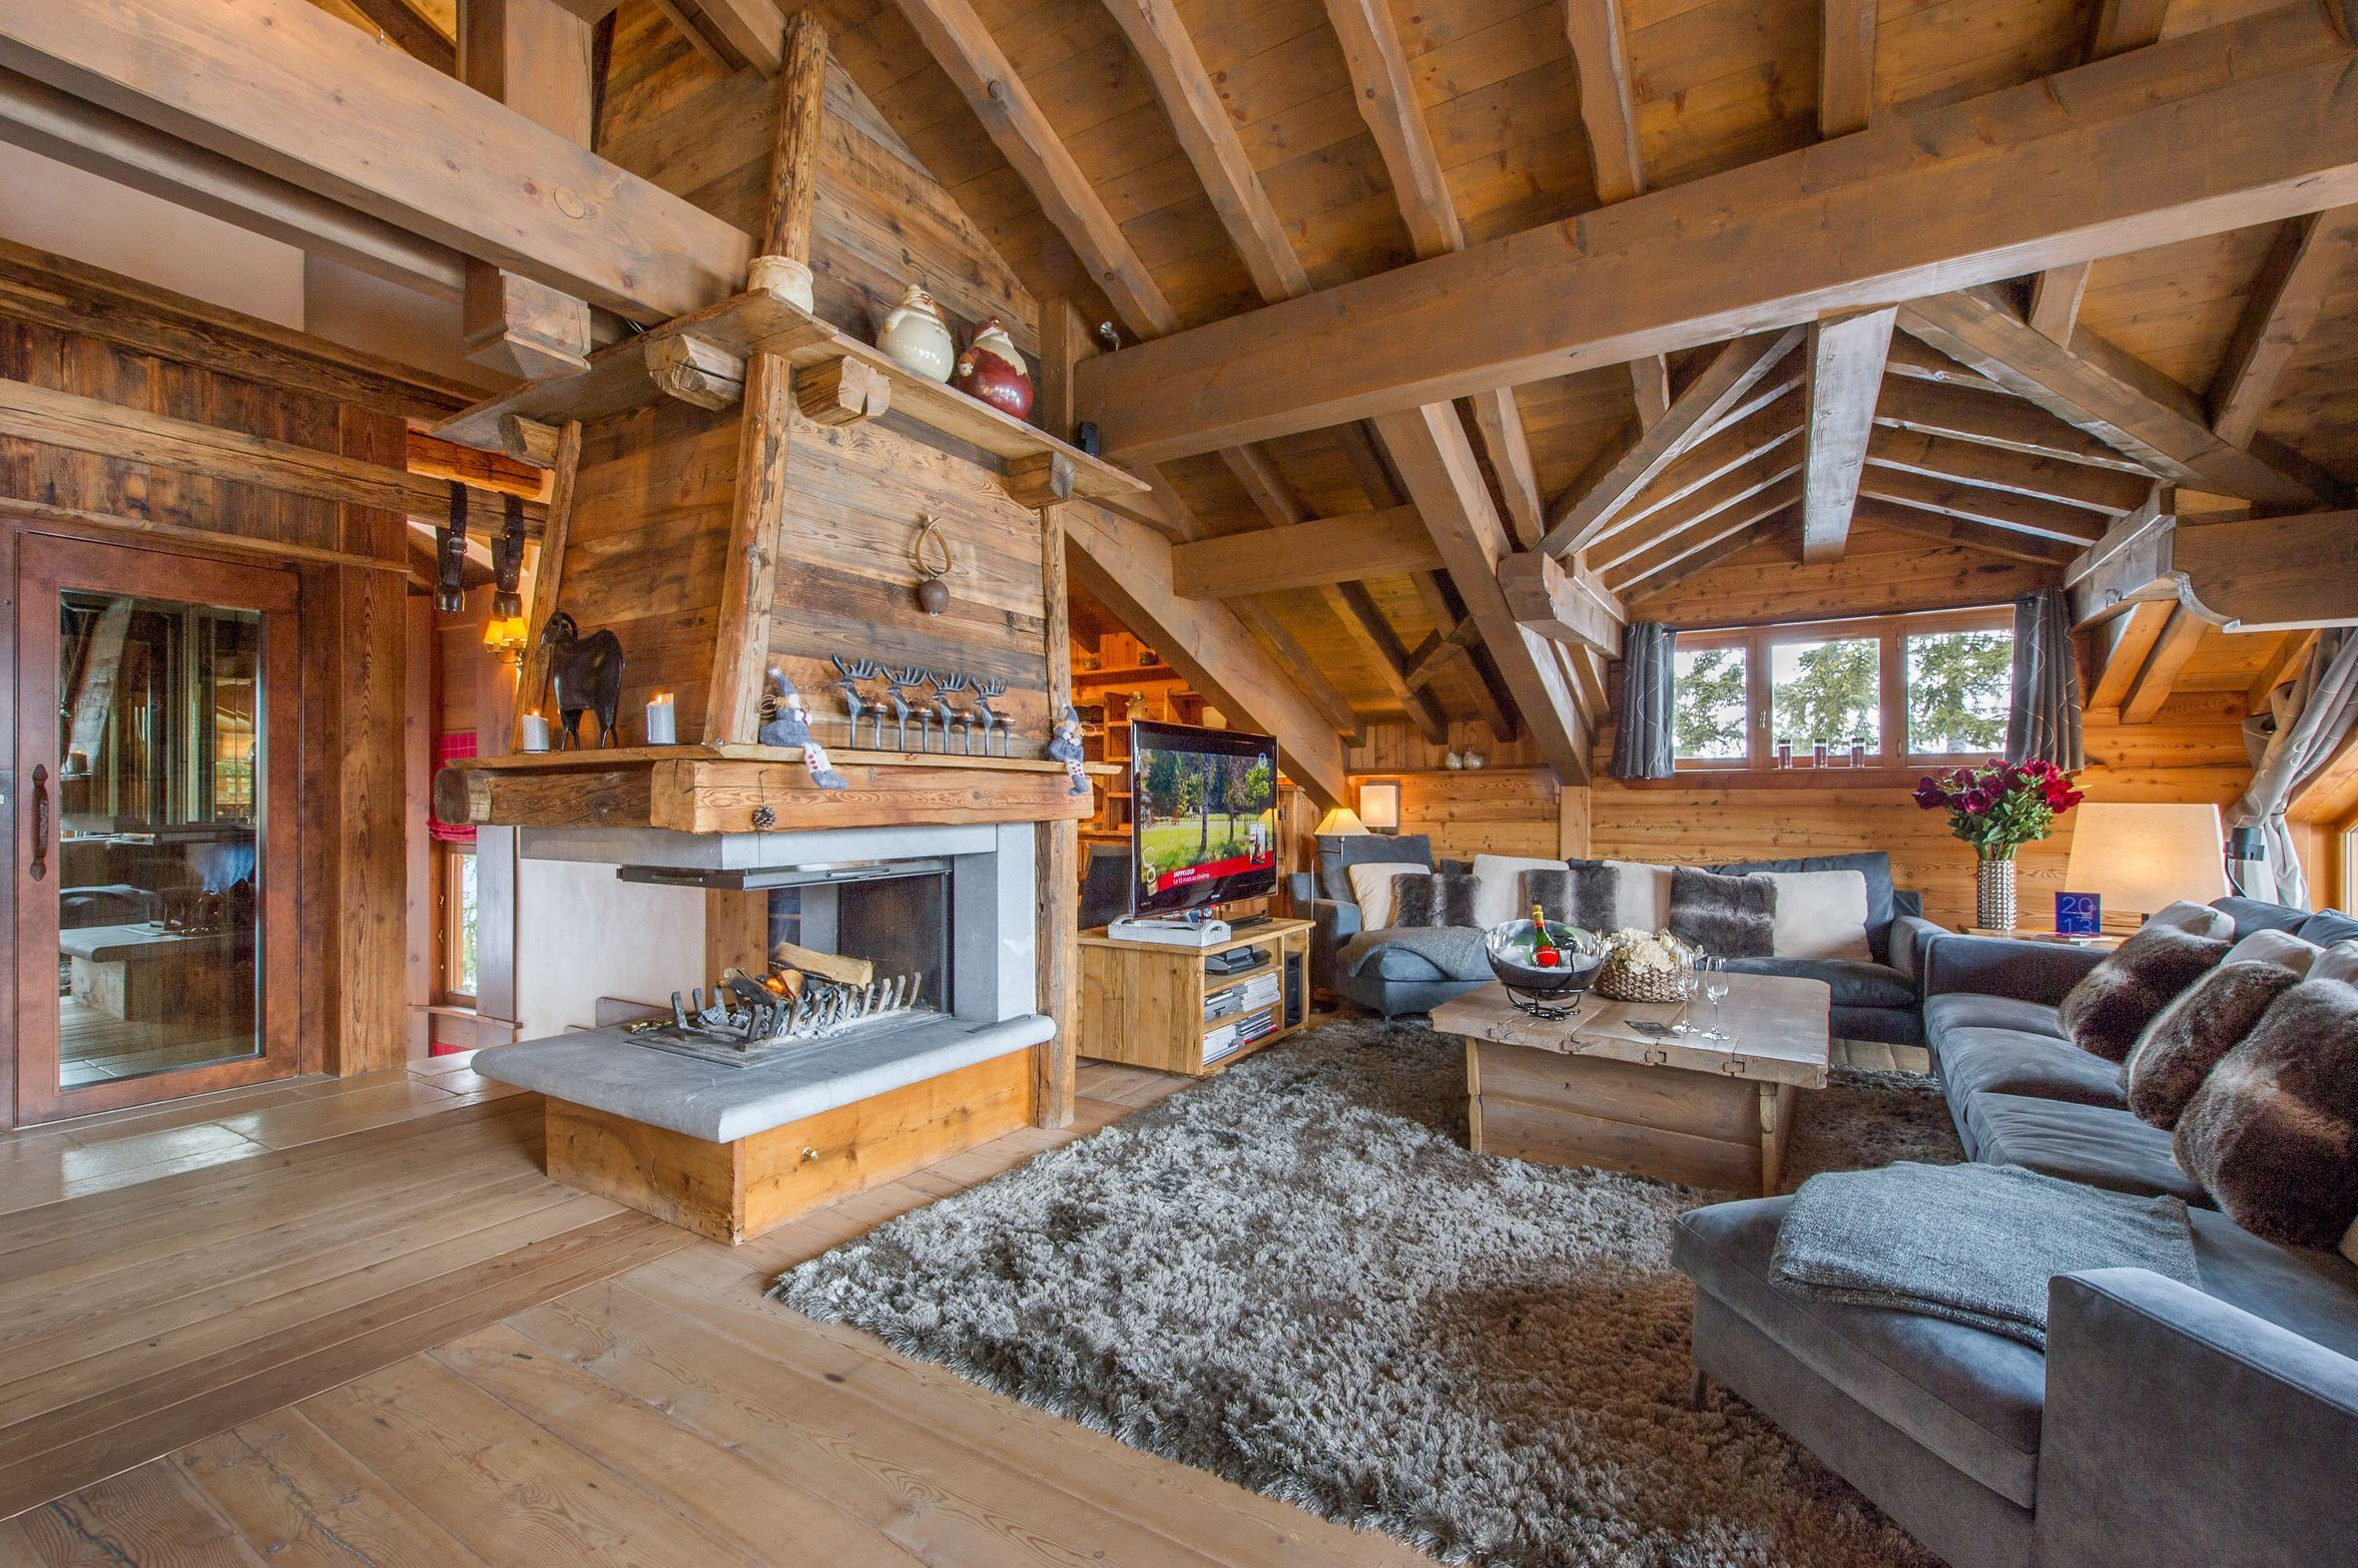 Interieur chalet | Chalet et montagne | Pinterest | Haus bauen und ...